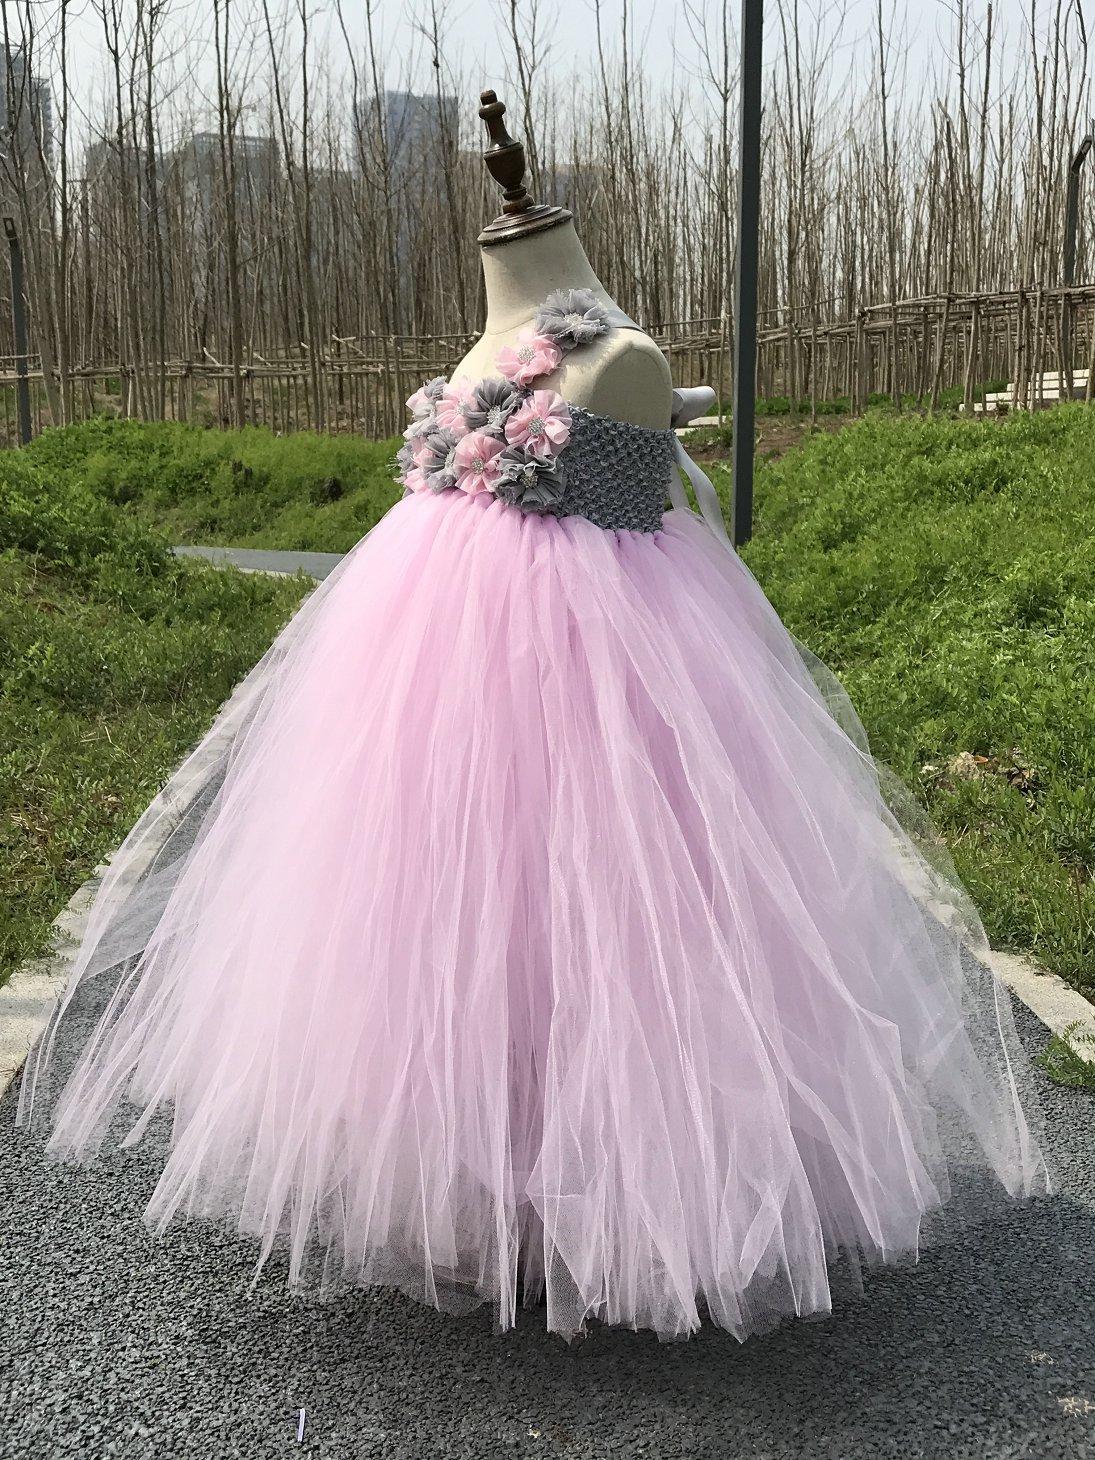 1dc06d785326 Vestidos Pink / Green Flower Girl Tutu Dress Wedding Tulle Dress Girls  Wedding Dresses Robe Demoiselle D'honneur Rose Fille Kids Dresses